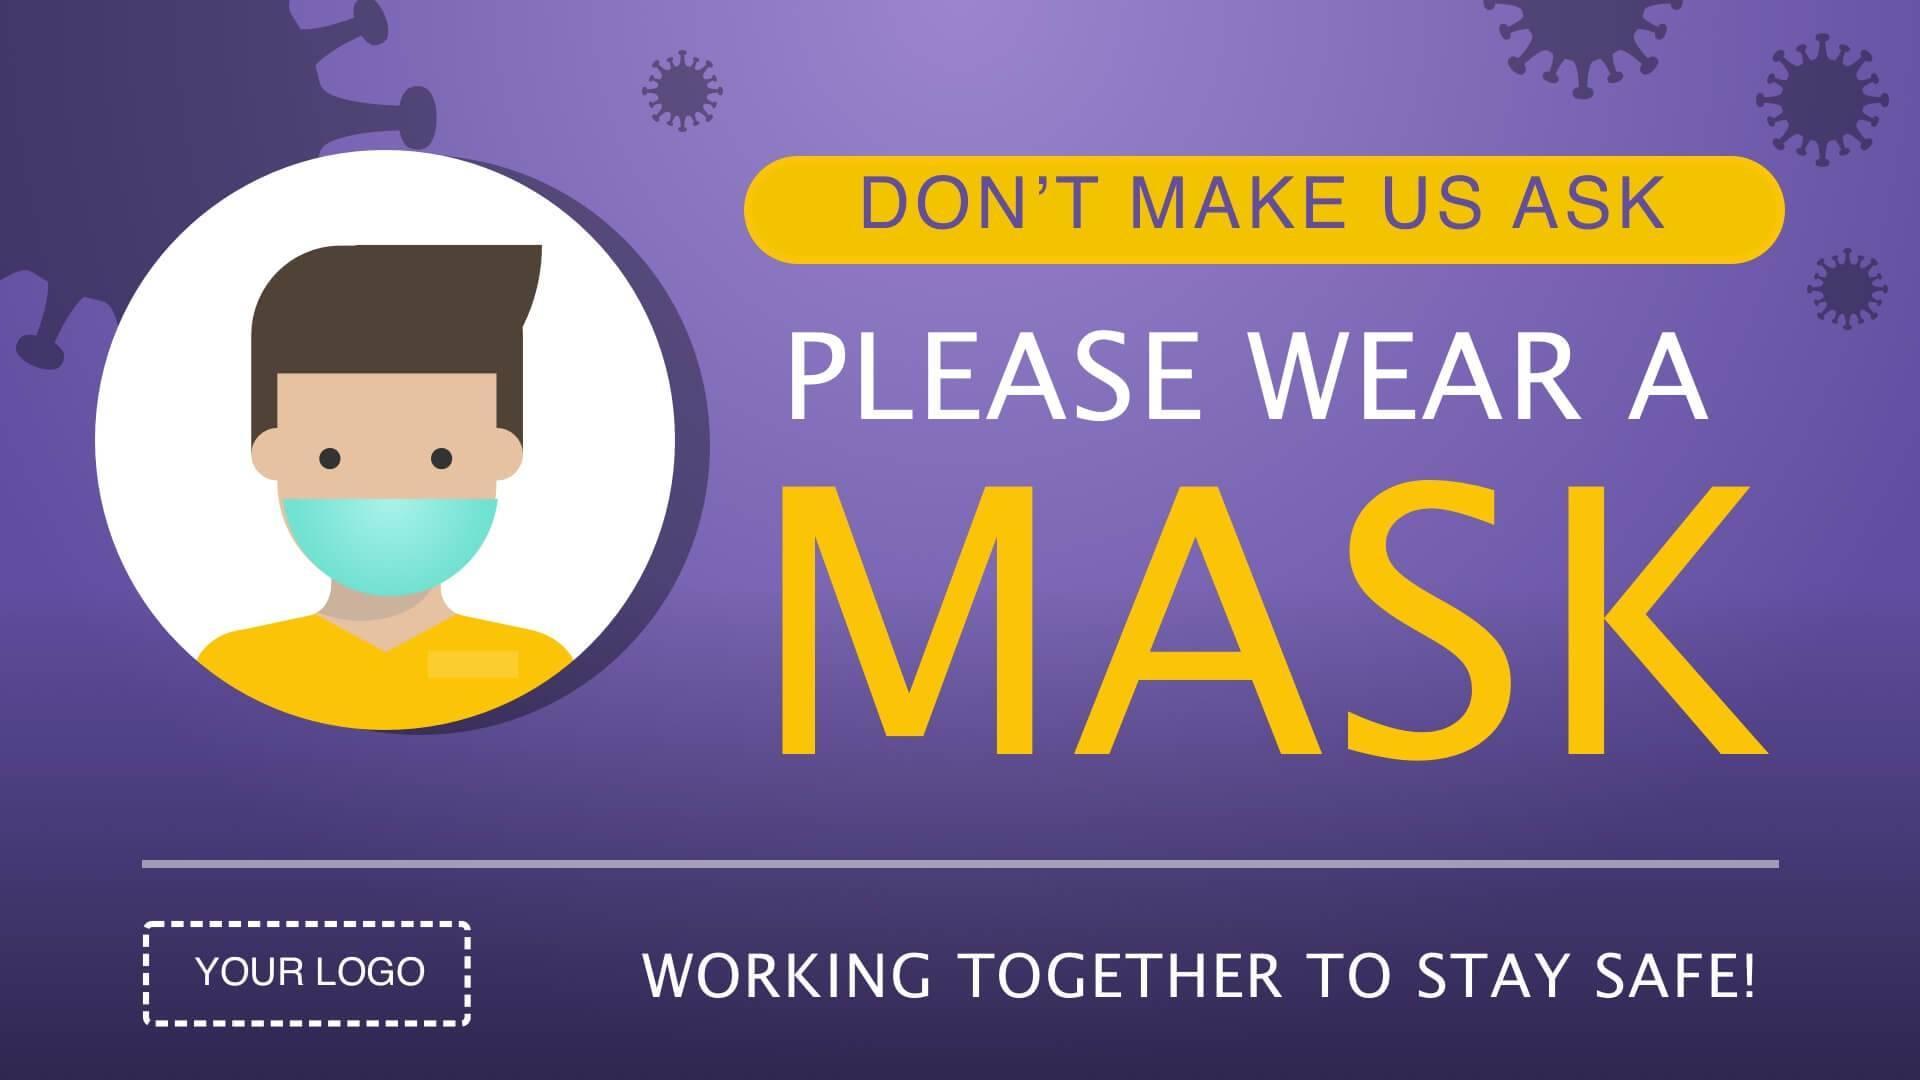 Campaign Mask Reminder Digital Signage Template